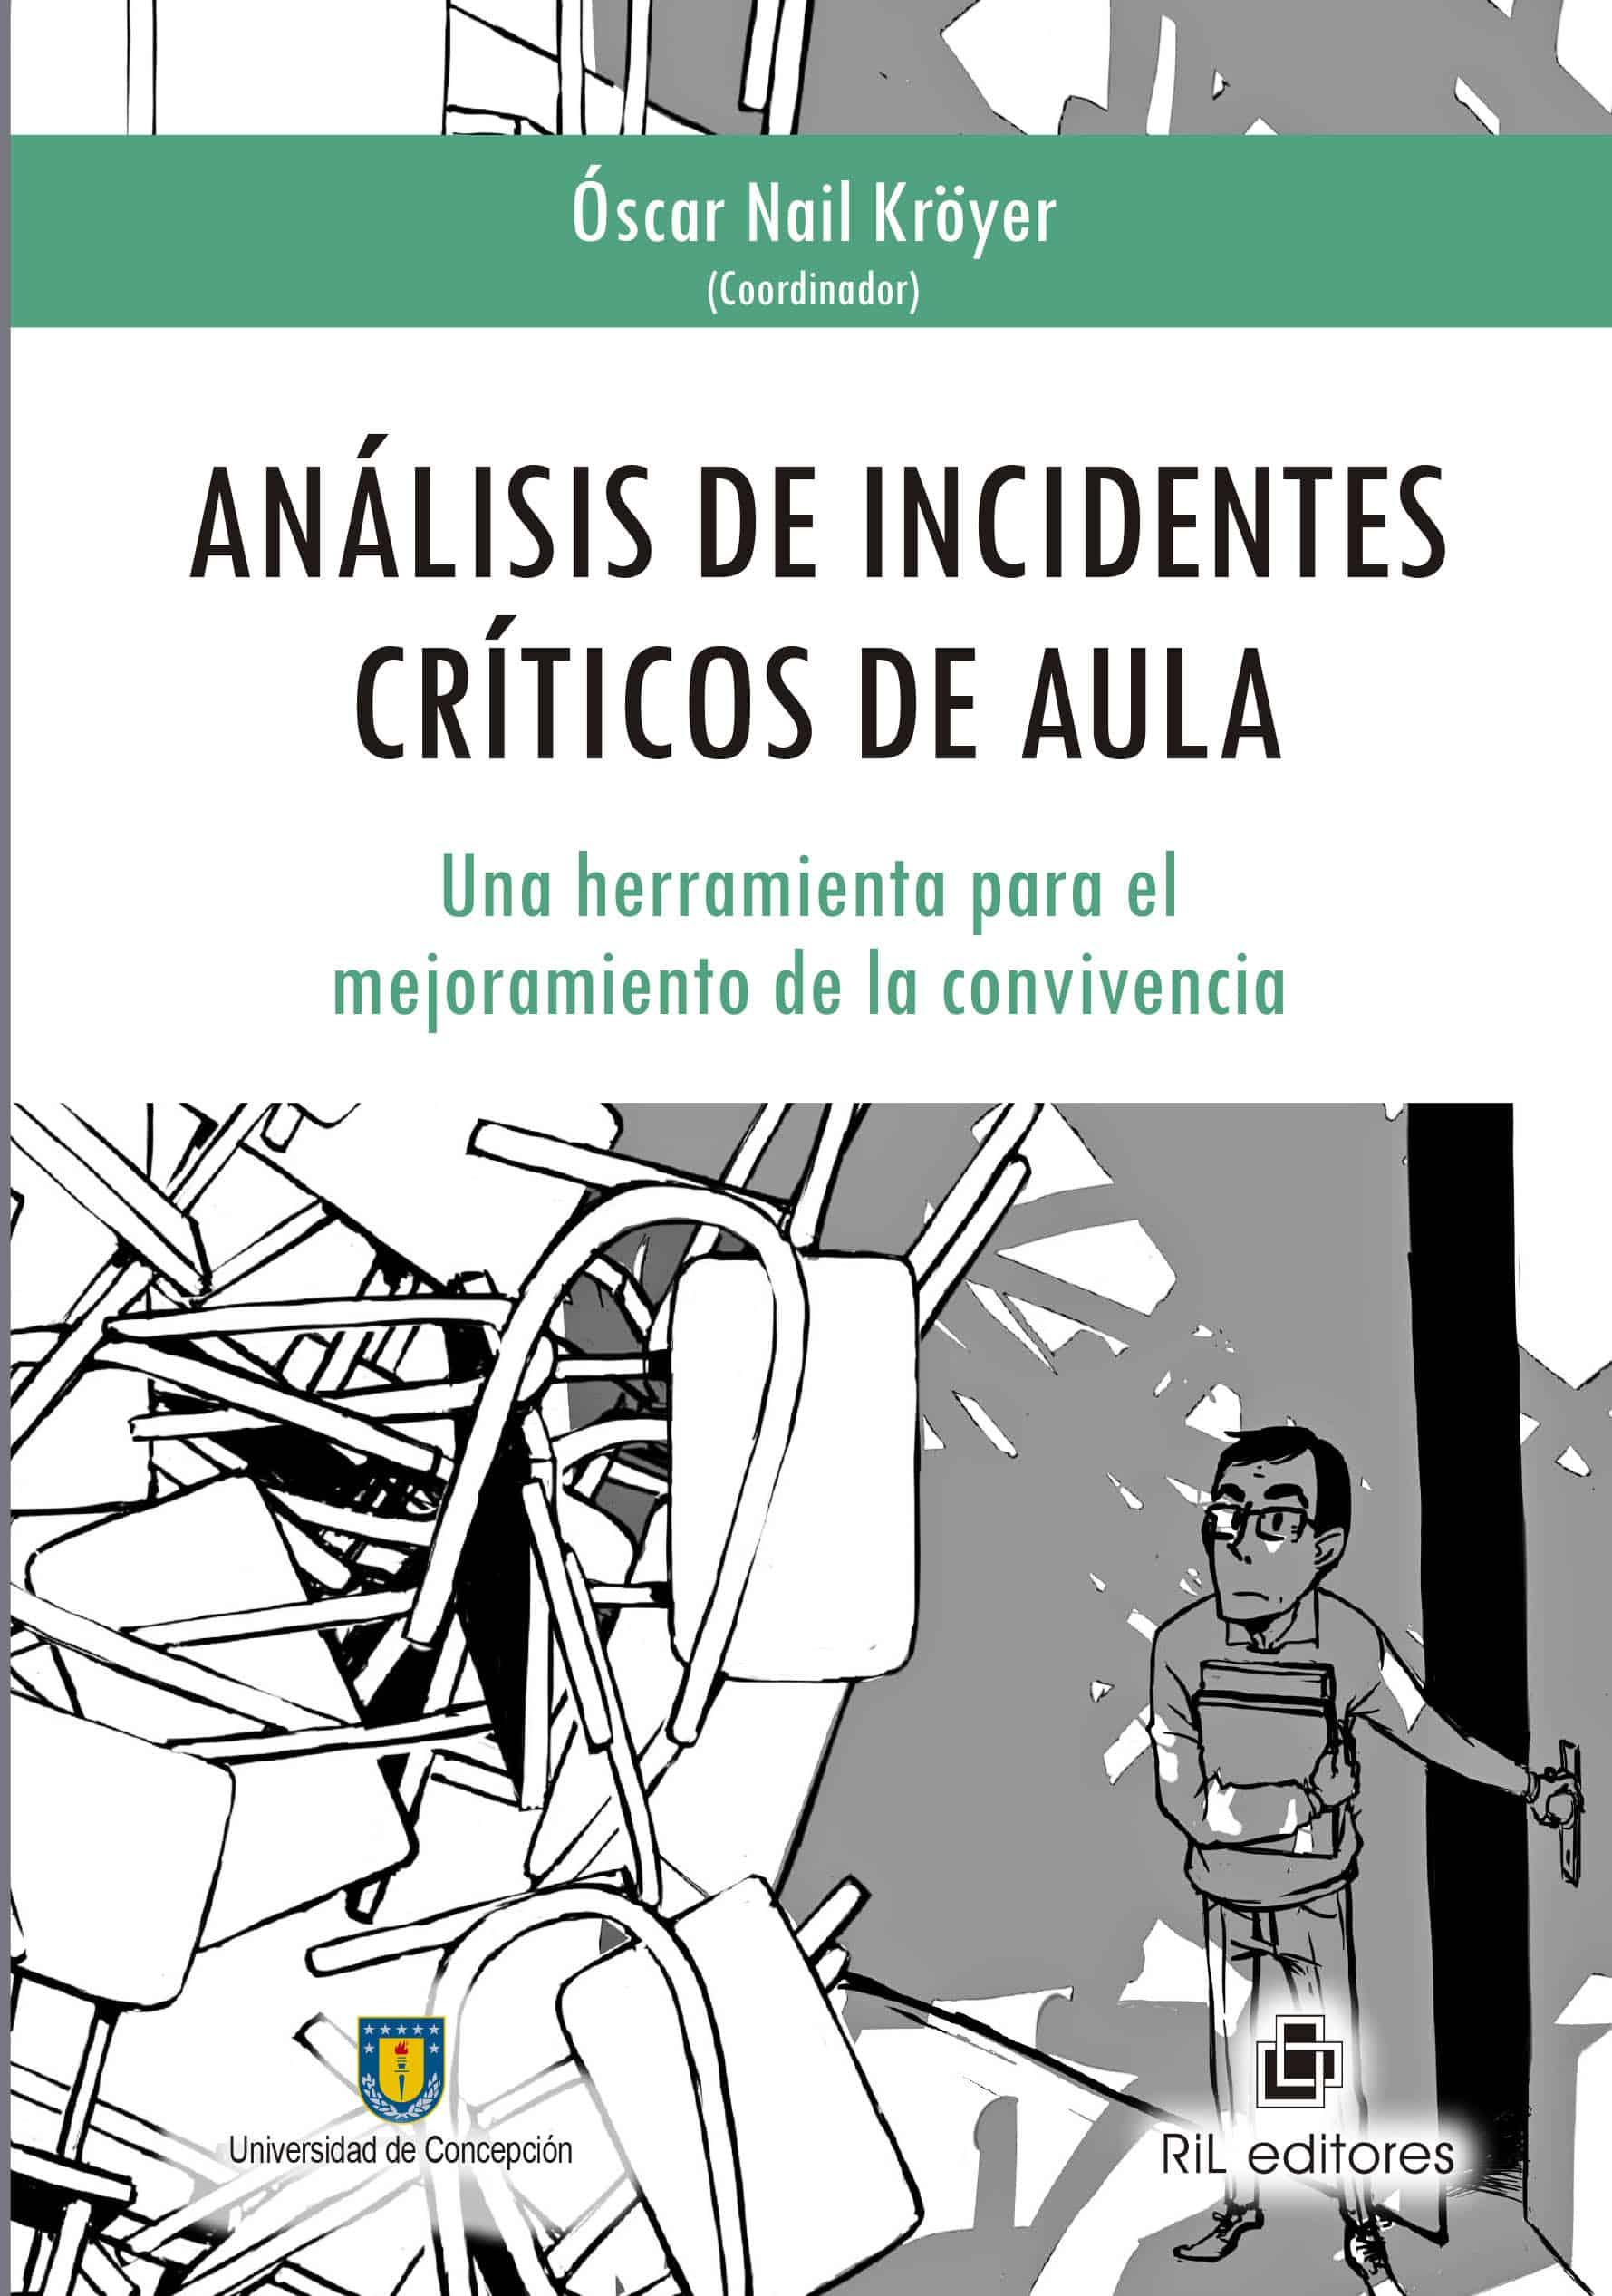 Análisis de incidentes críticos de aula: una herramienta para el mejoramiento de la convivencia 1